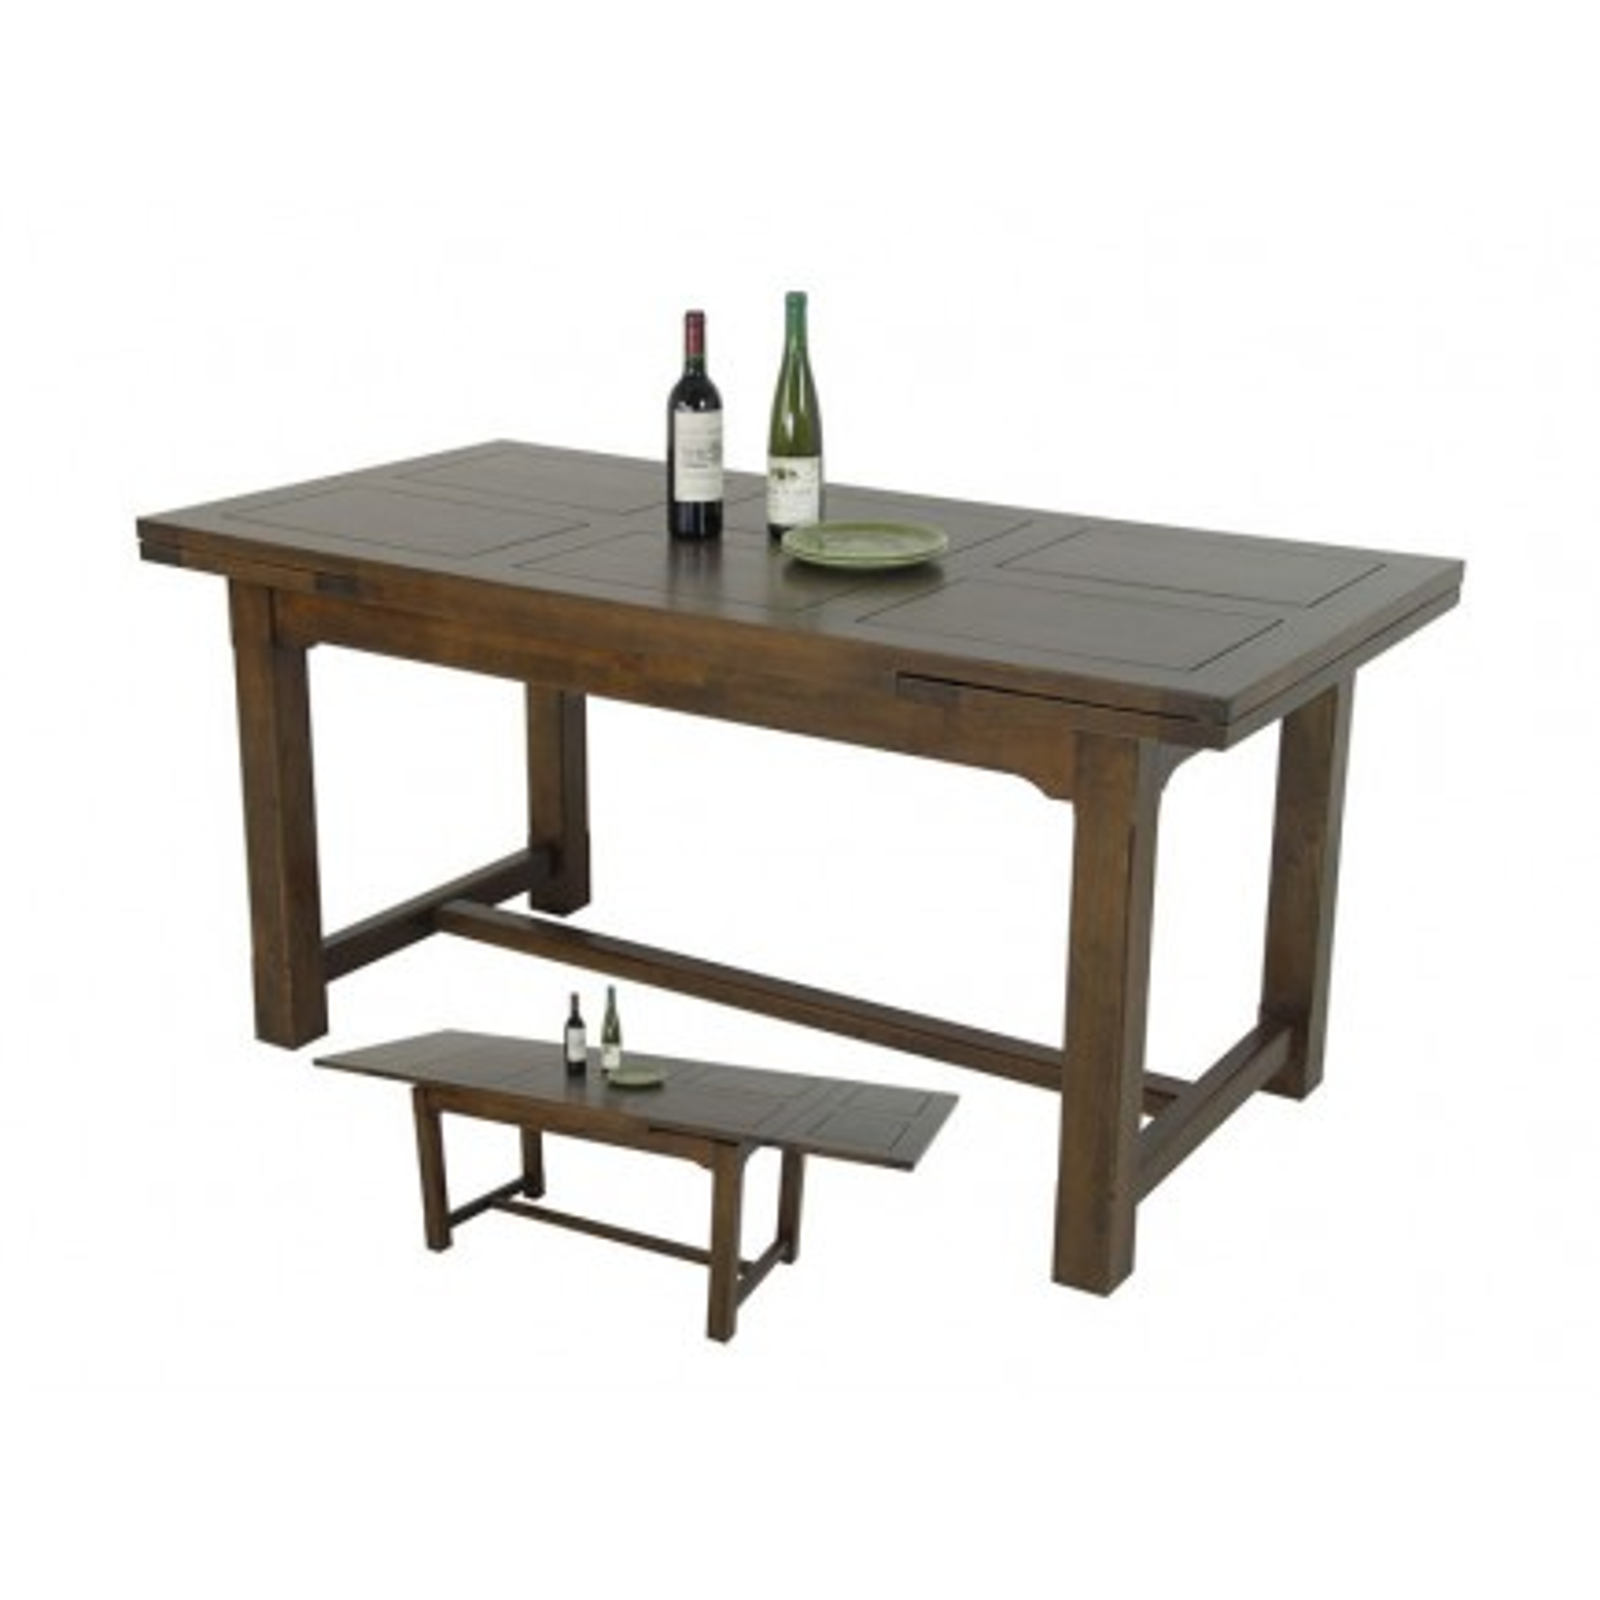 Table Repas + Rallonges Belle Epoque Hévéa - meuble style classique